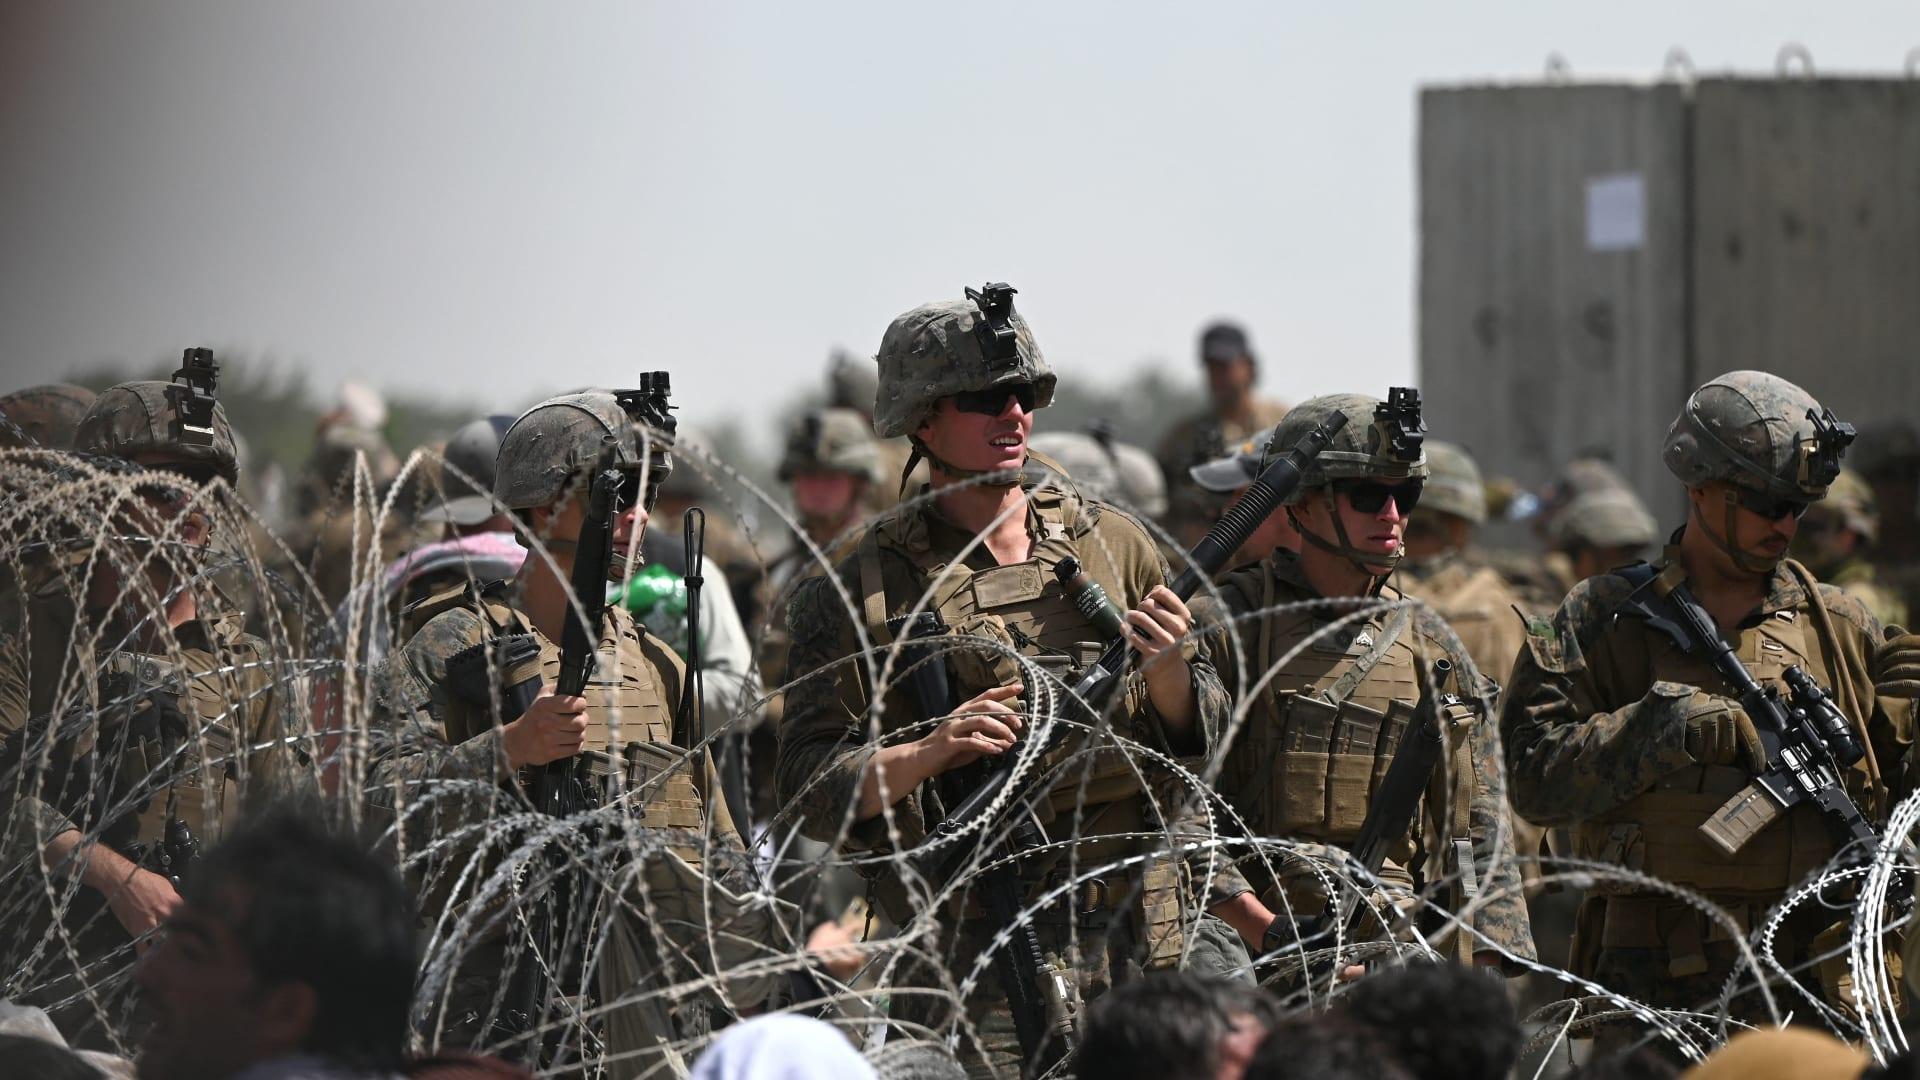 بايدن: نحن ندرس كل وسيلة متاحة لإجلاء الناس من كابول